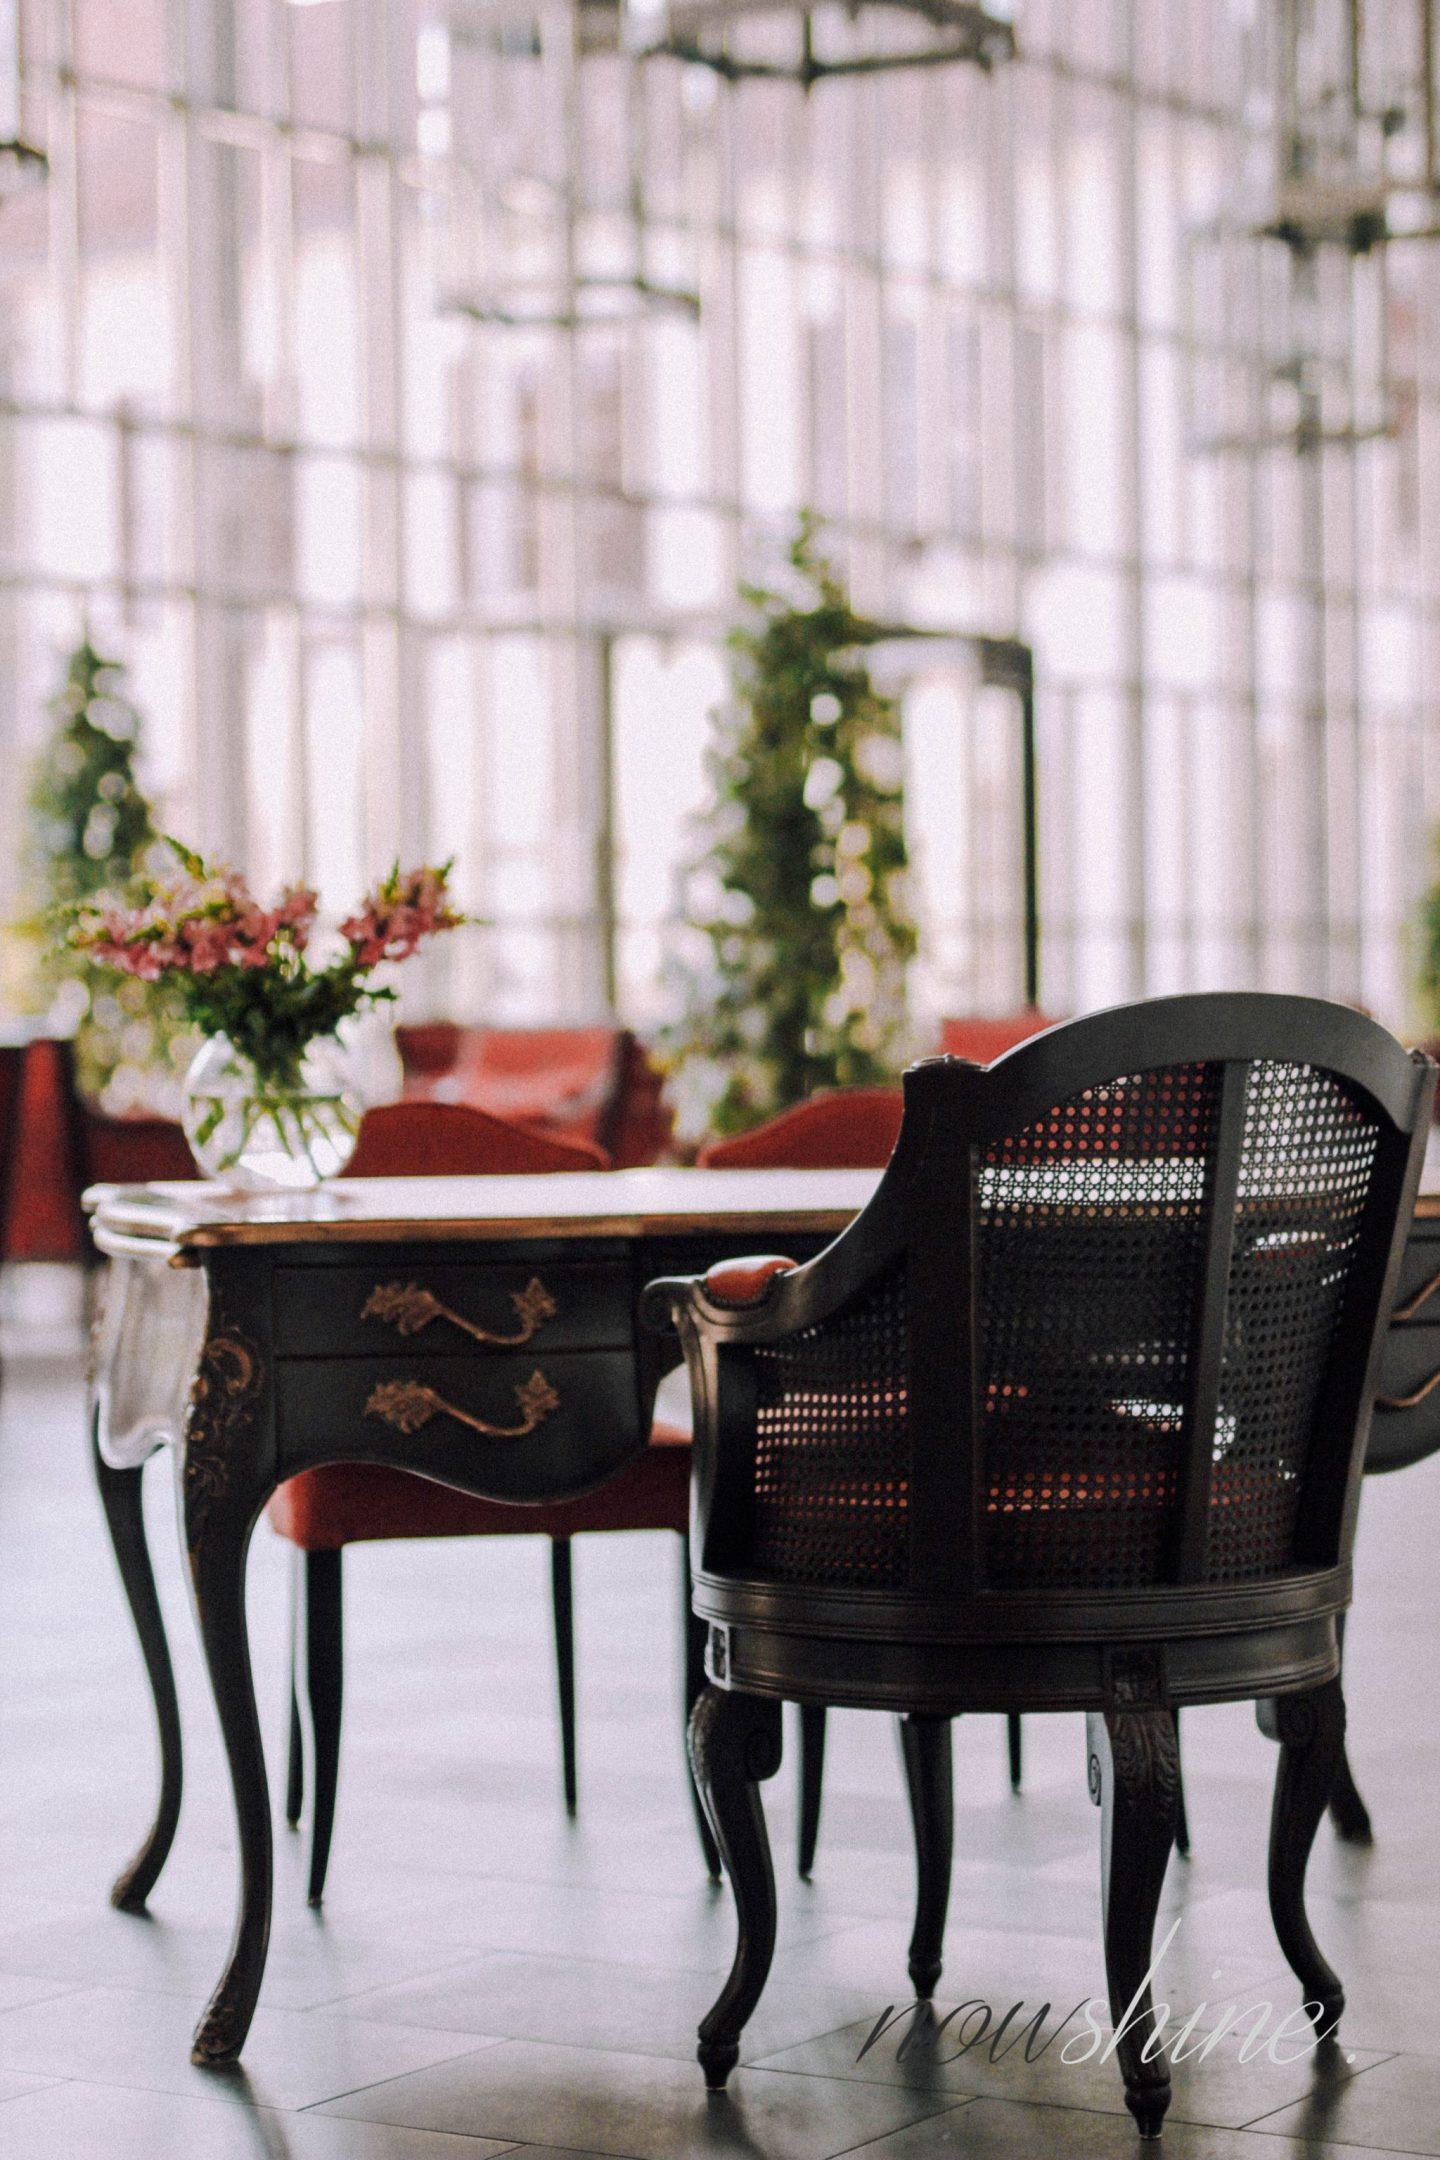 Luxuriöser Kurzurlaub im Relax- und Wellness Hotel Gräflicher Park Bad Driburg - Orangerie - Nowshine ü40 Reiseblog